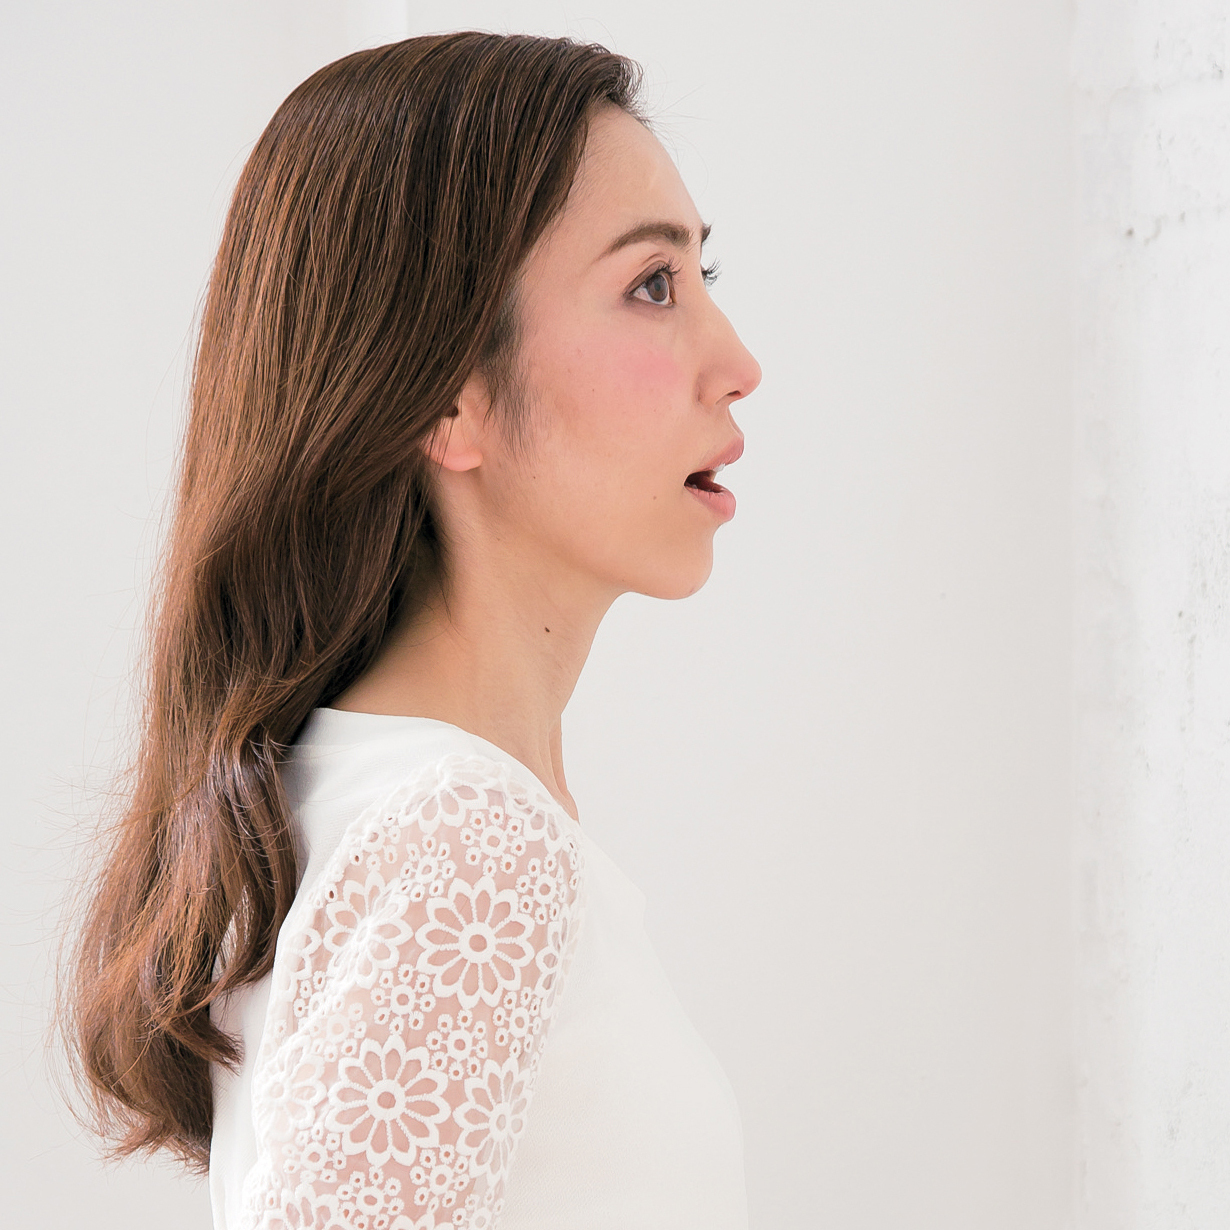 たった5分の「ZEN呼吸」で幸せホルモン活発化